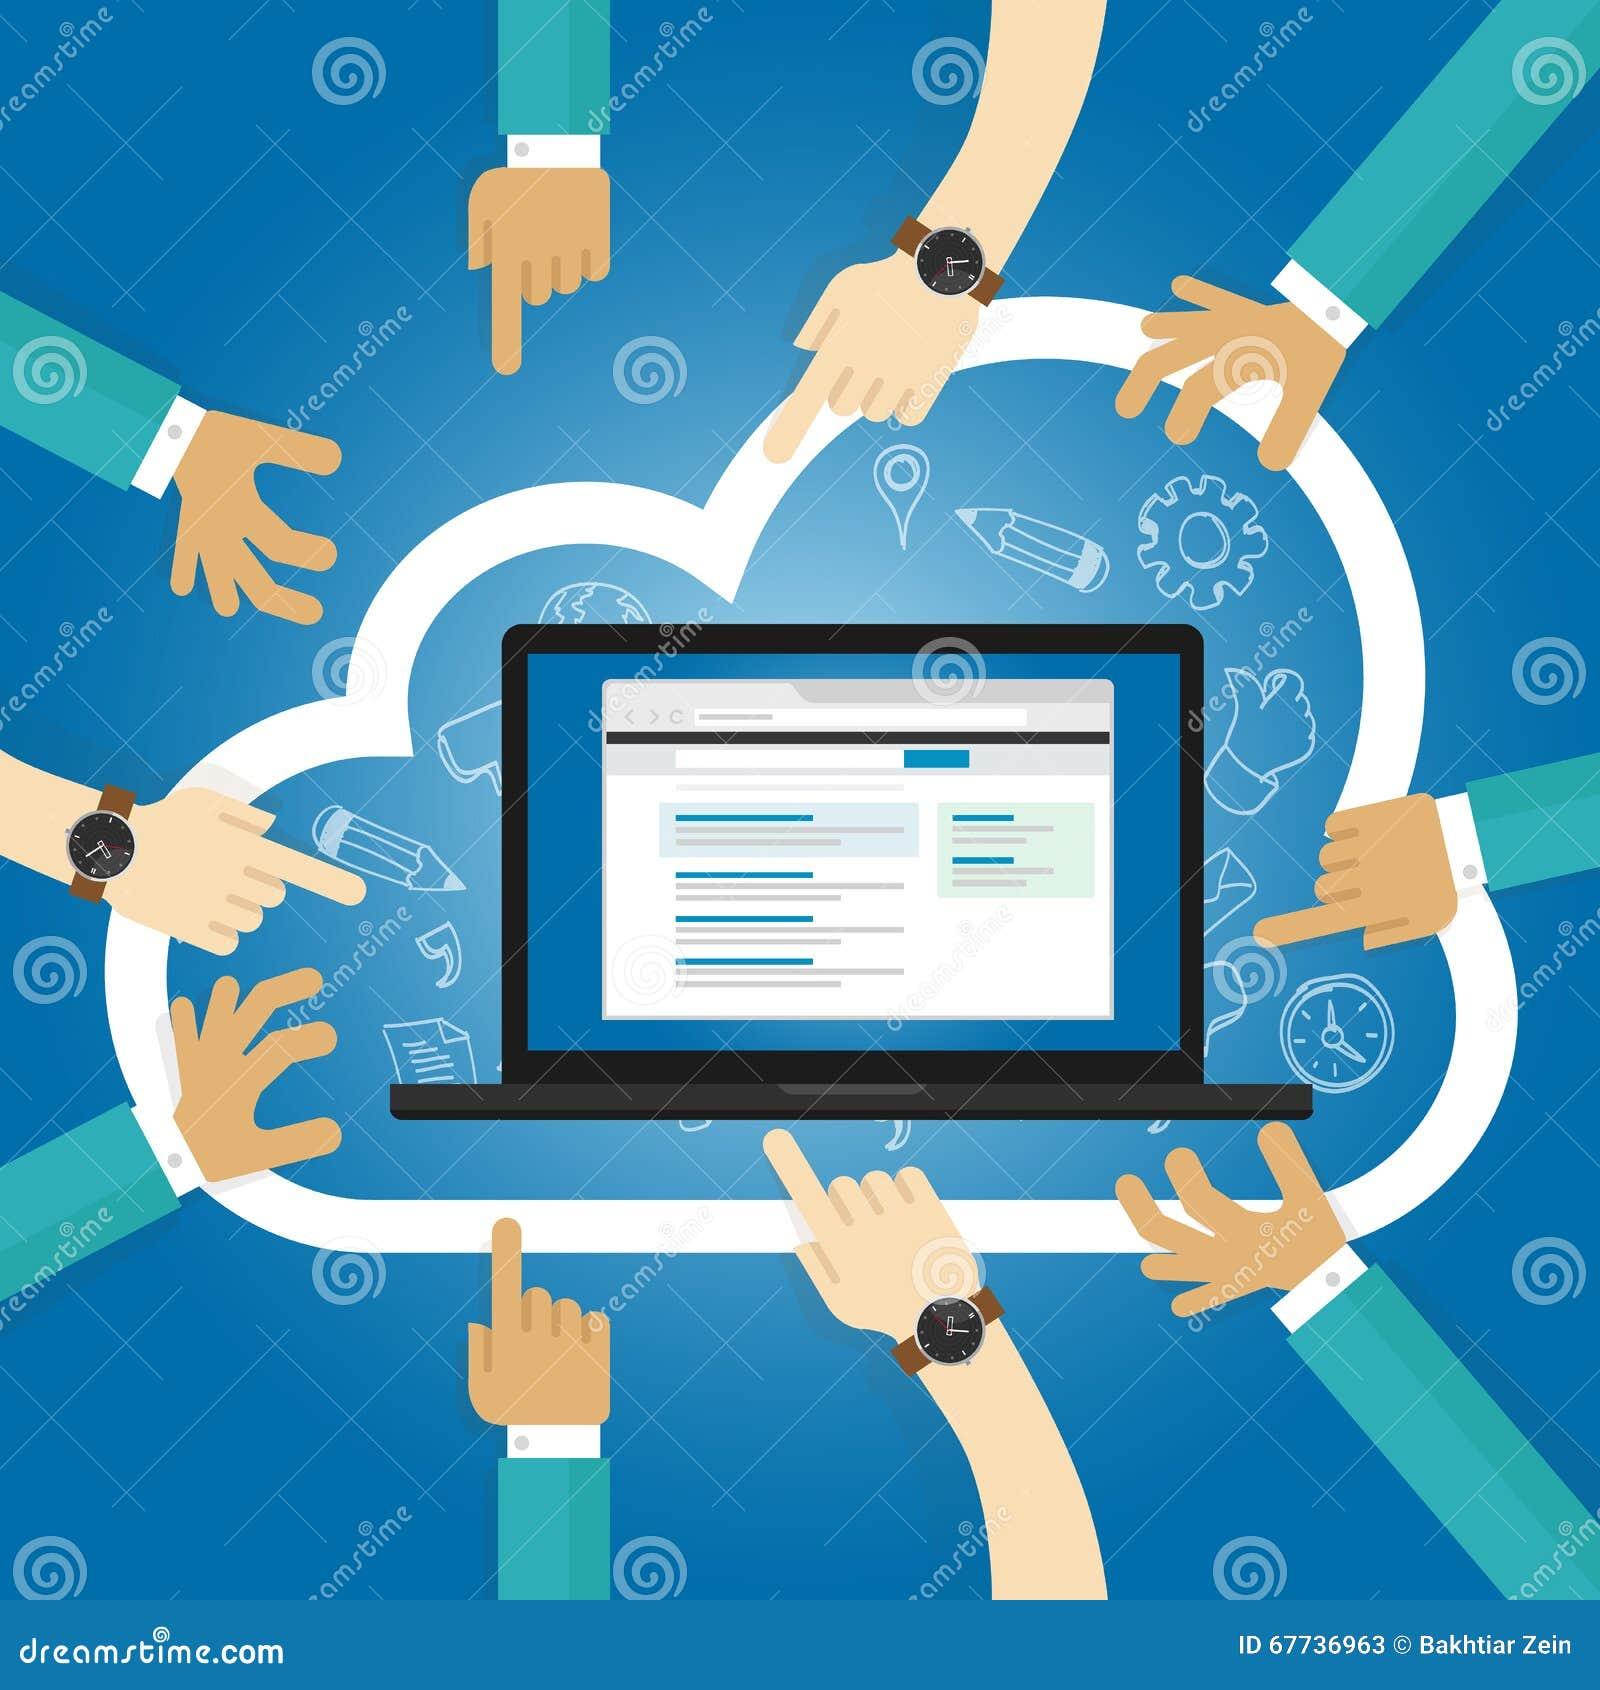 Software de SaaS como una base de la suscripción de Internet del acceso del uso de la nube del servicio centralmente recibió soft